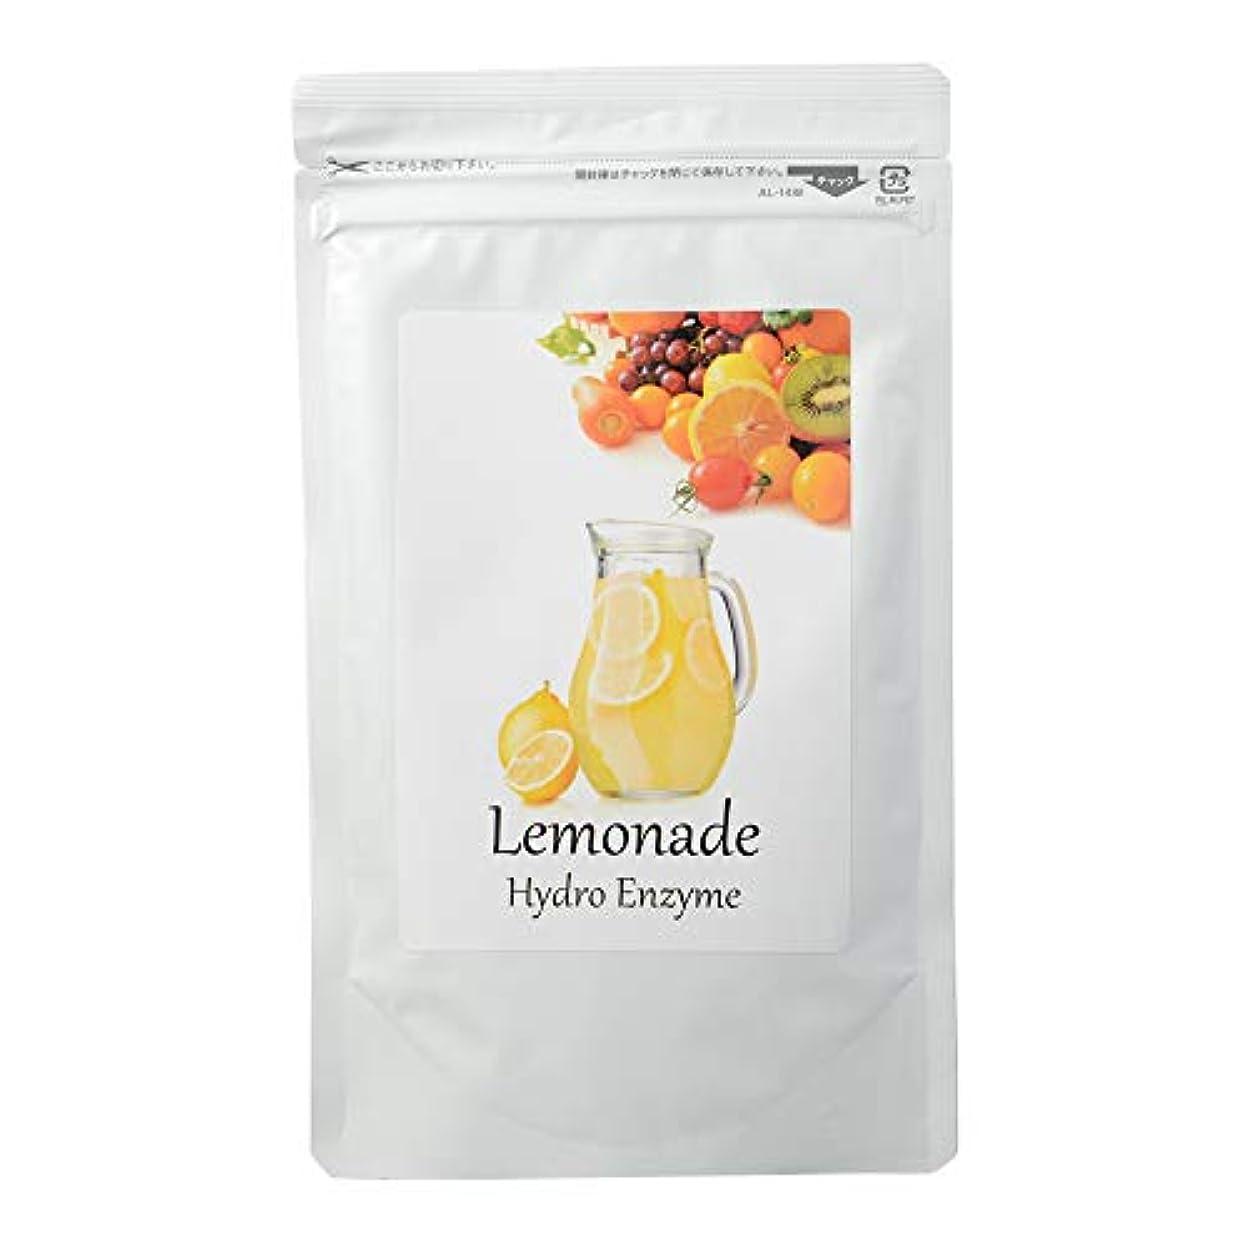 記念碑的なお金ゴムテザーLemonade Hydro Enzyme (ダイエット ドリンク) レモネード 水素エンザイムダイエット 健康飲料 専用スプーン付 [内容量150g /説明書付き]